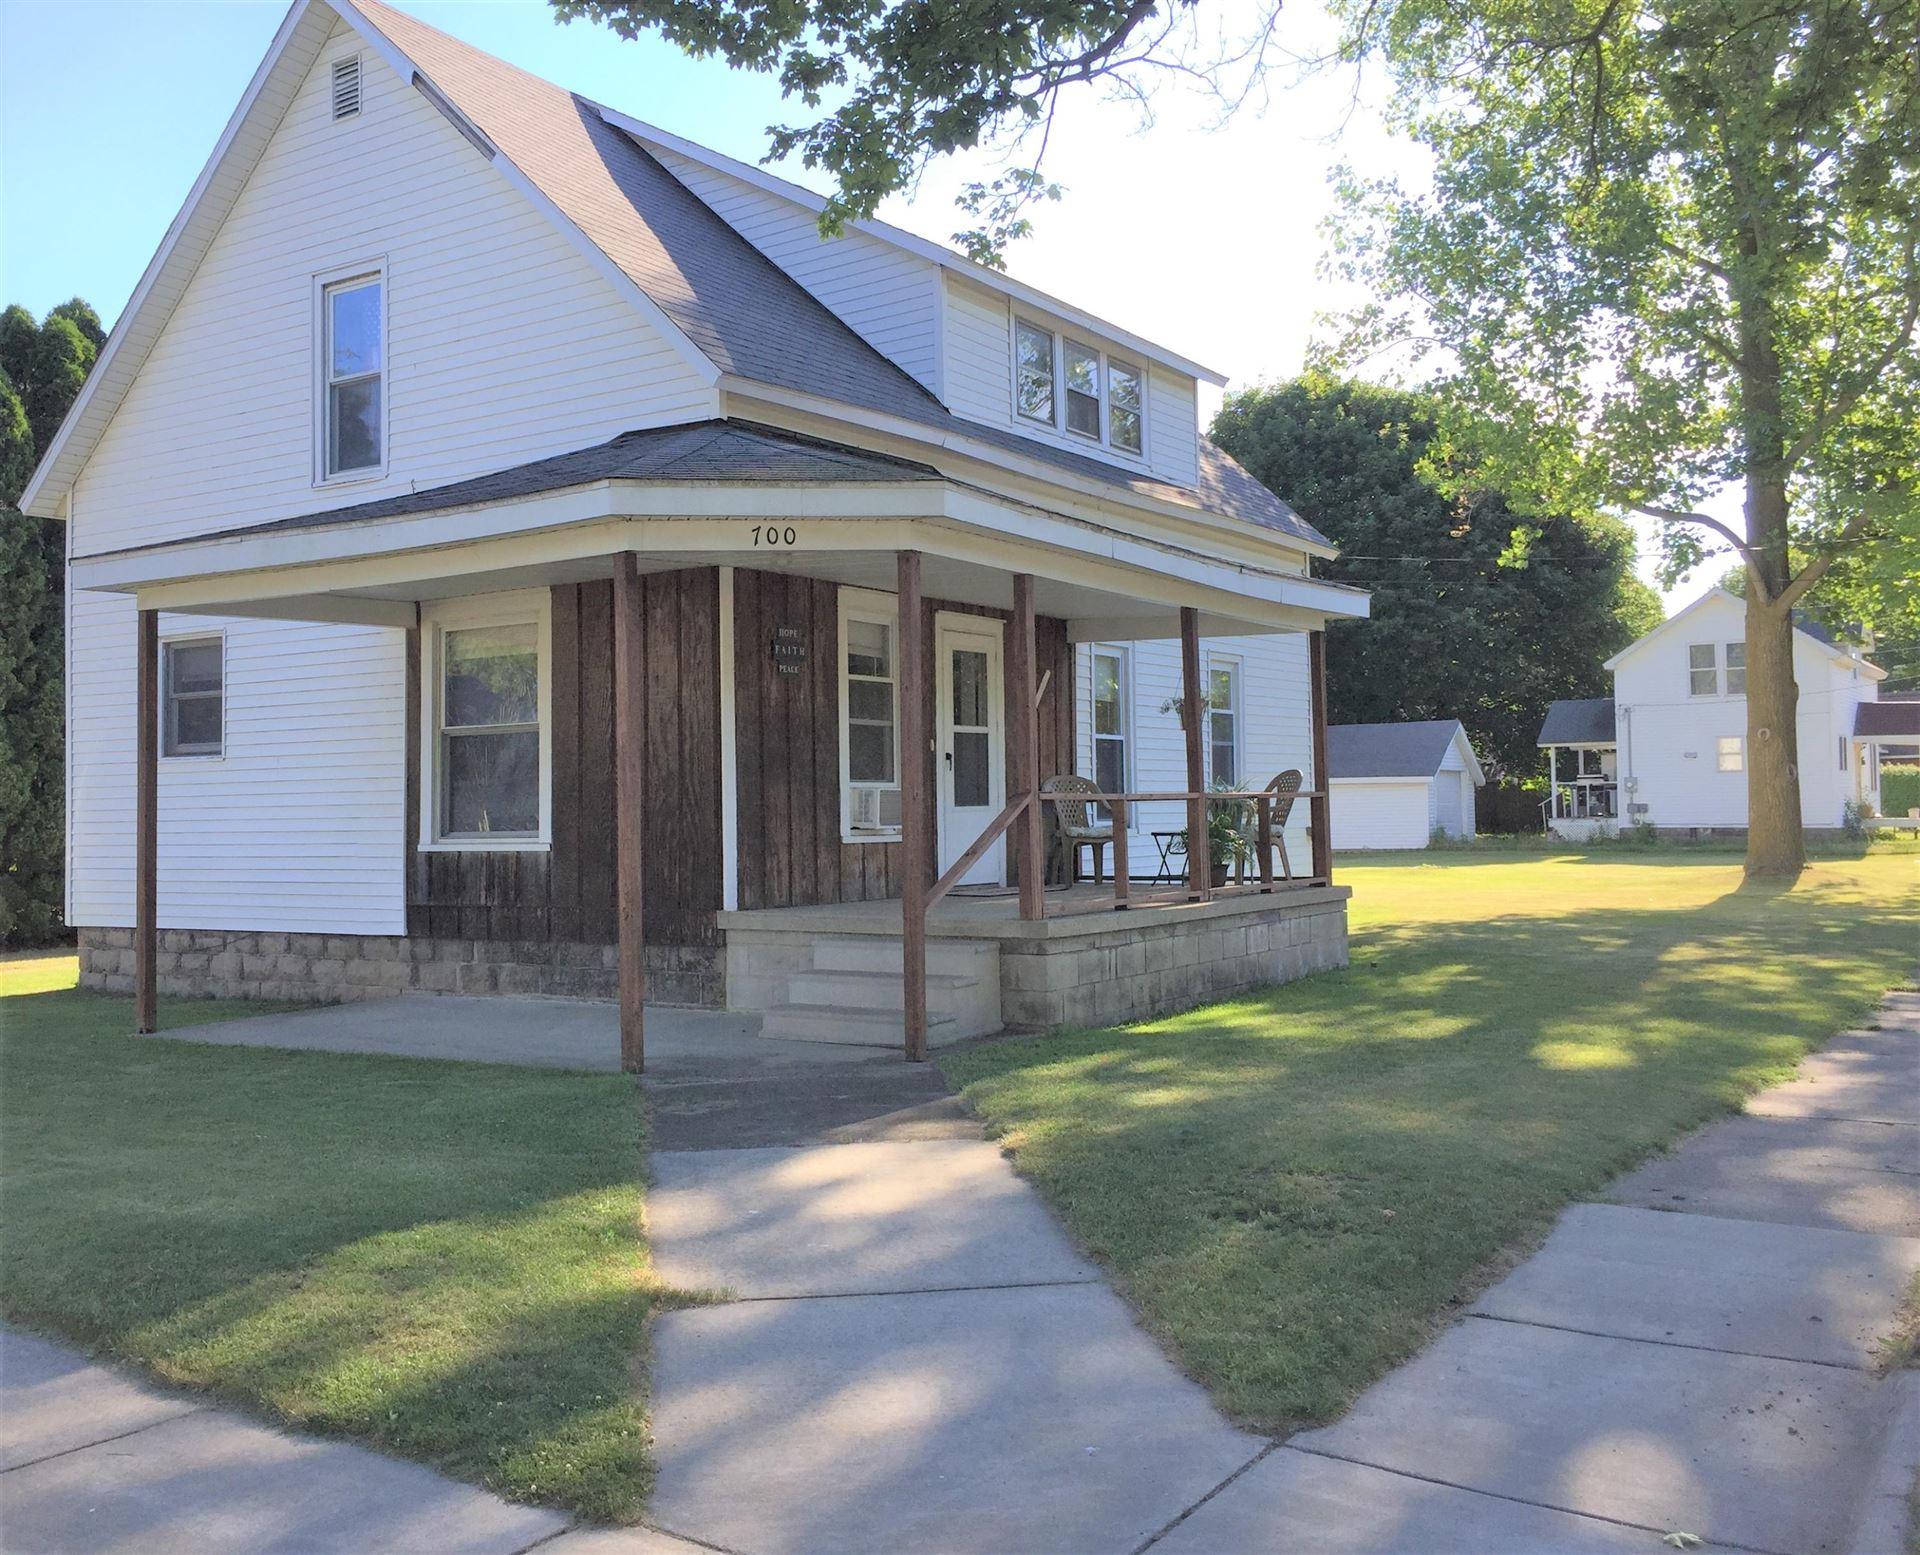 700 E. West Street, Sturgis, MI 49091 - MLS#: 21022866